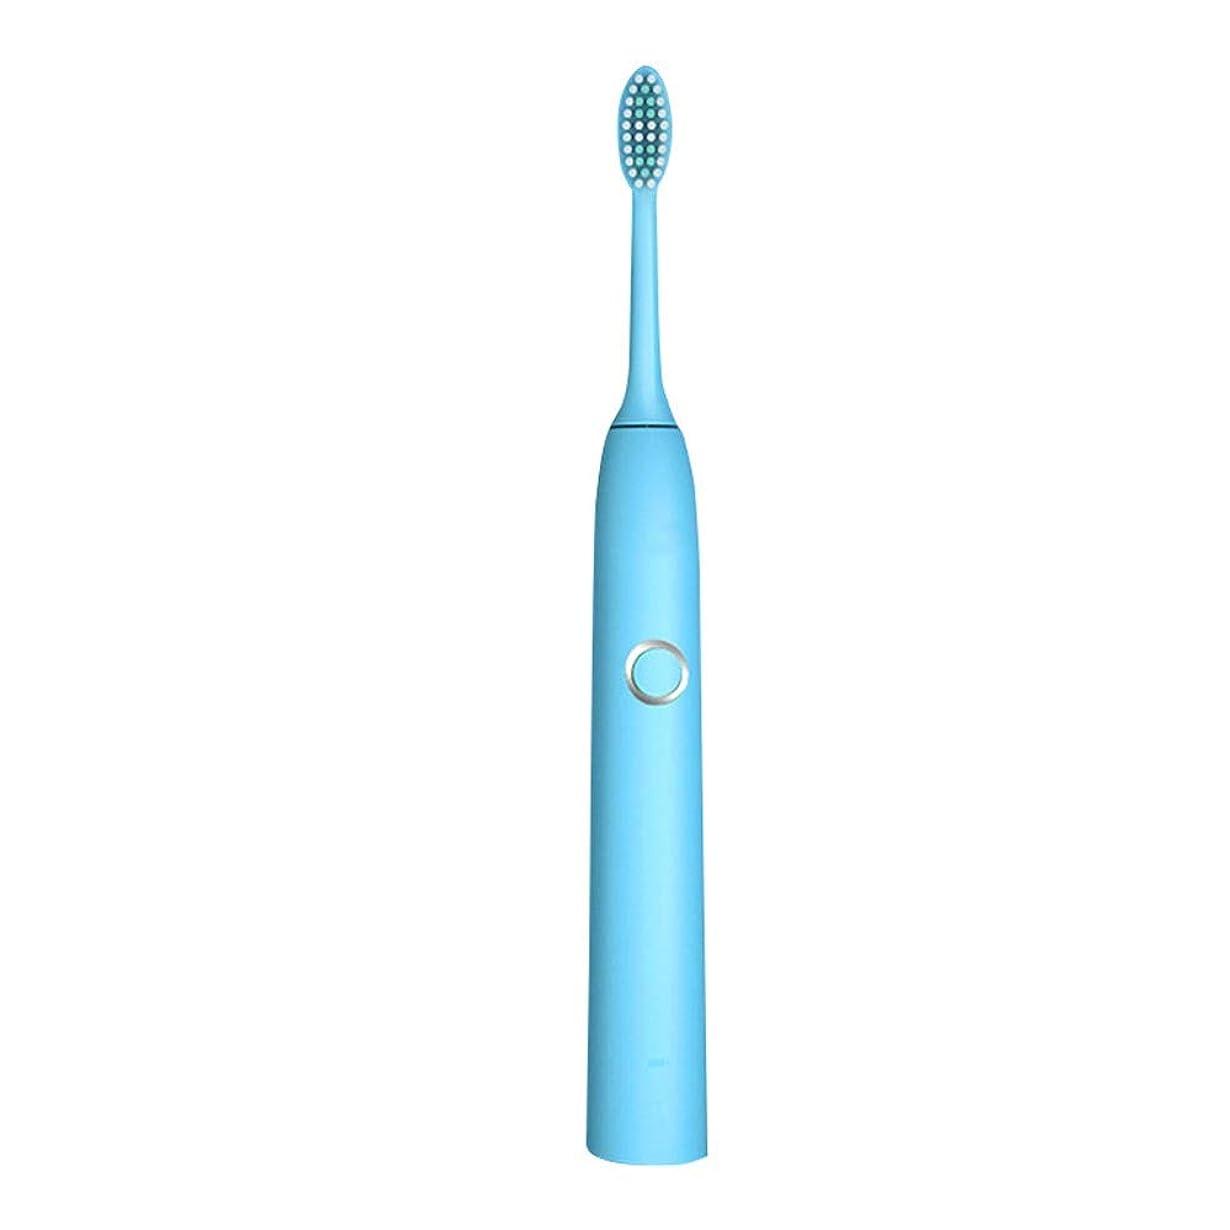 重要宅配便症候群電動歯ブラシ 電動歯ブラシ大人保護クリーンUSB充電式歯ブラシホワイトニング歯医者推奨 ケアー プロテクトクリーン (色 : 青, サイズ : Free size)